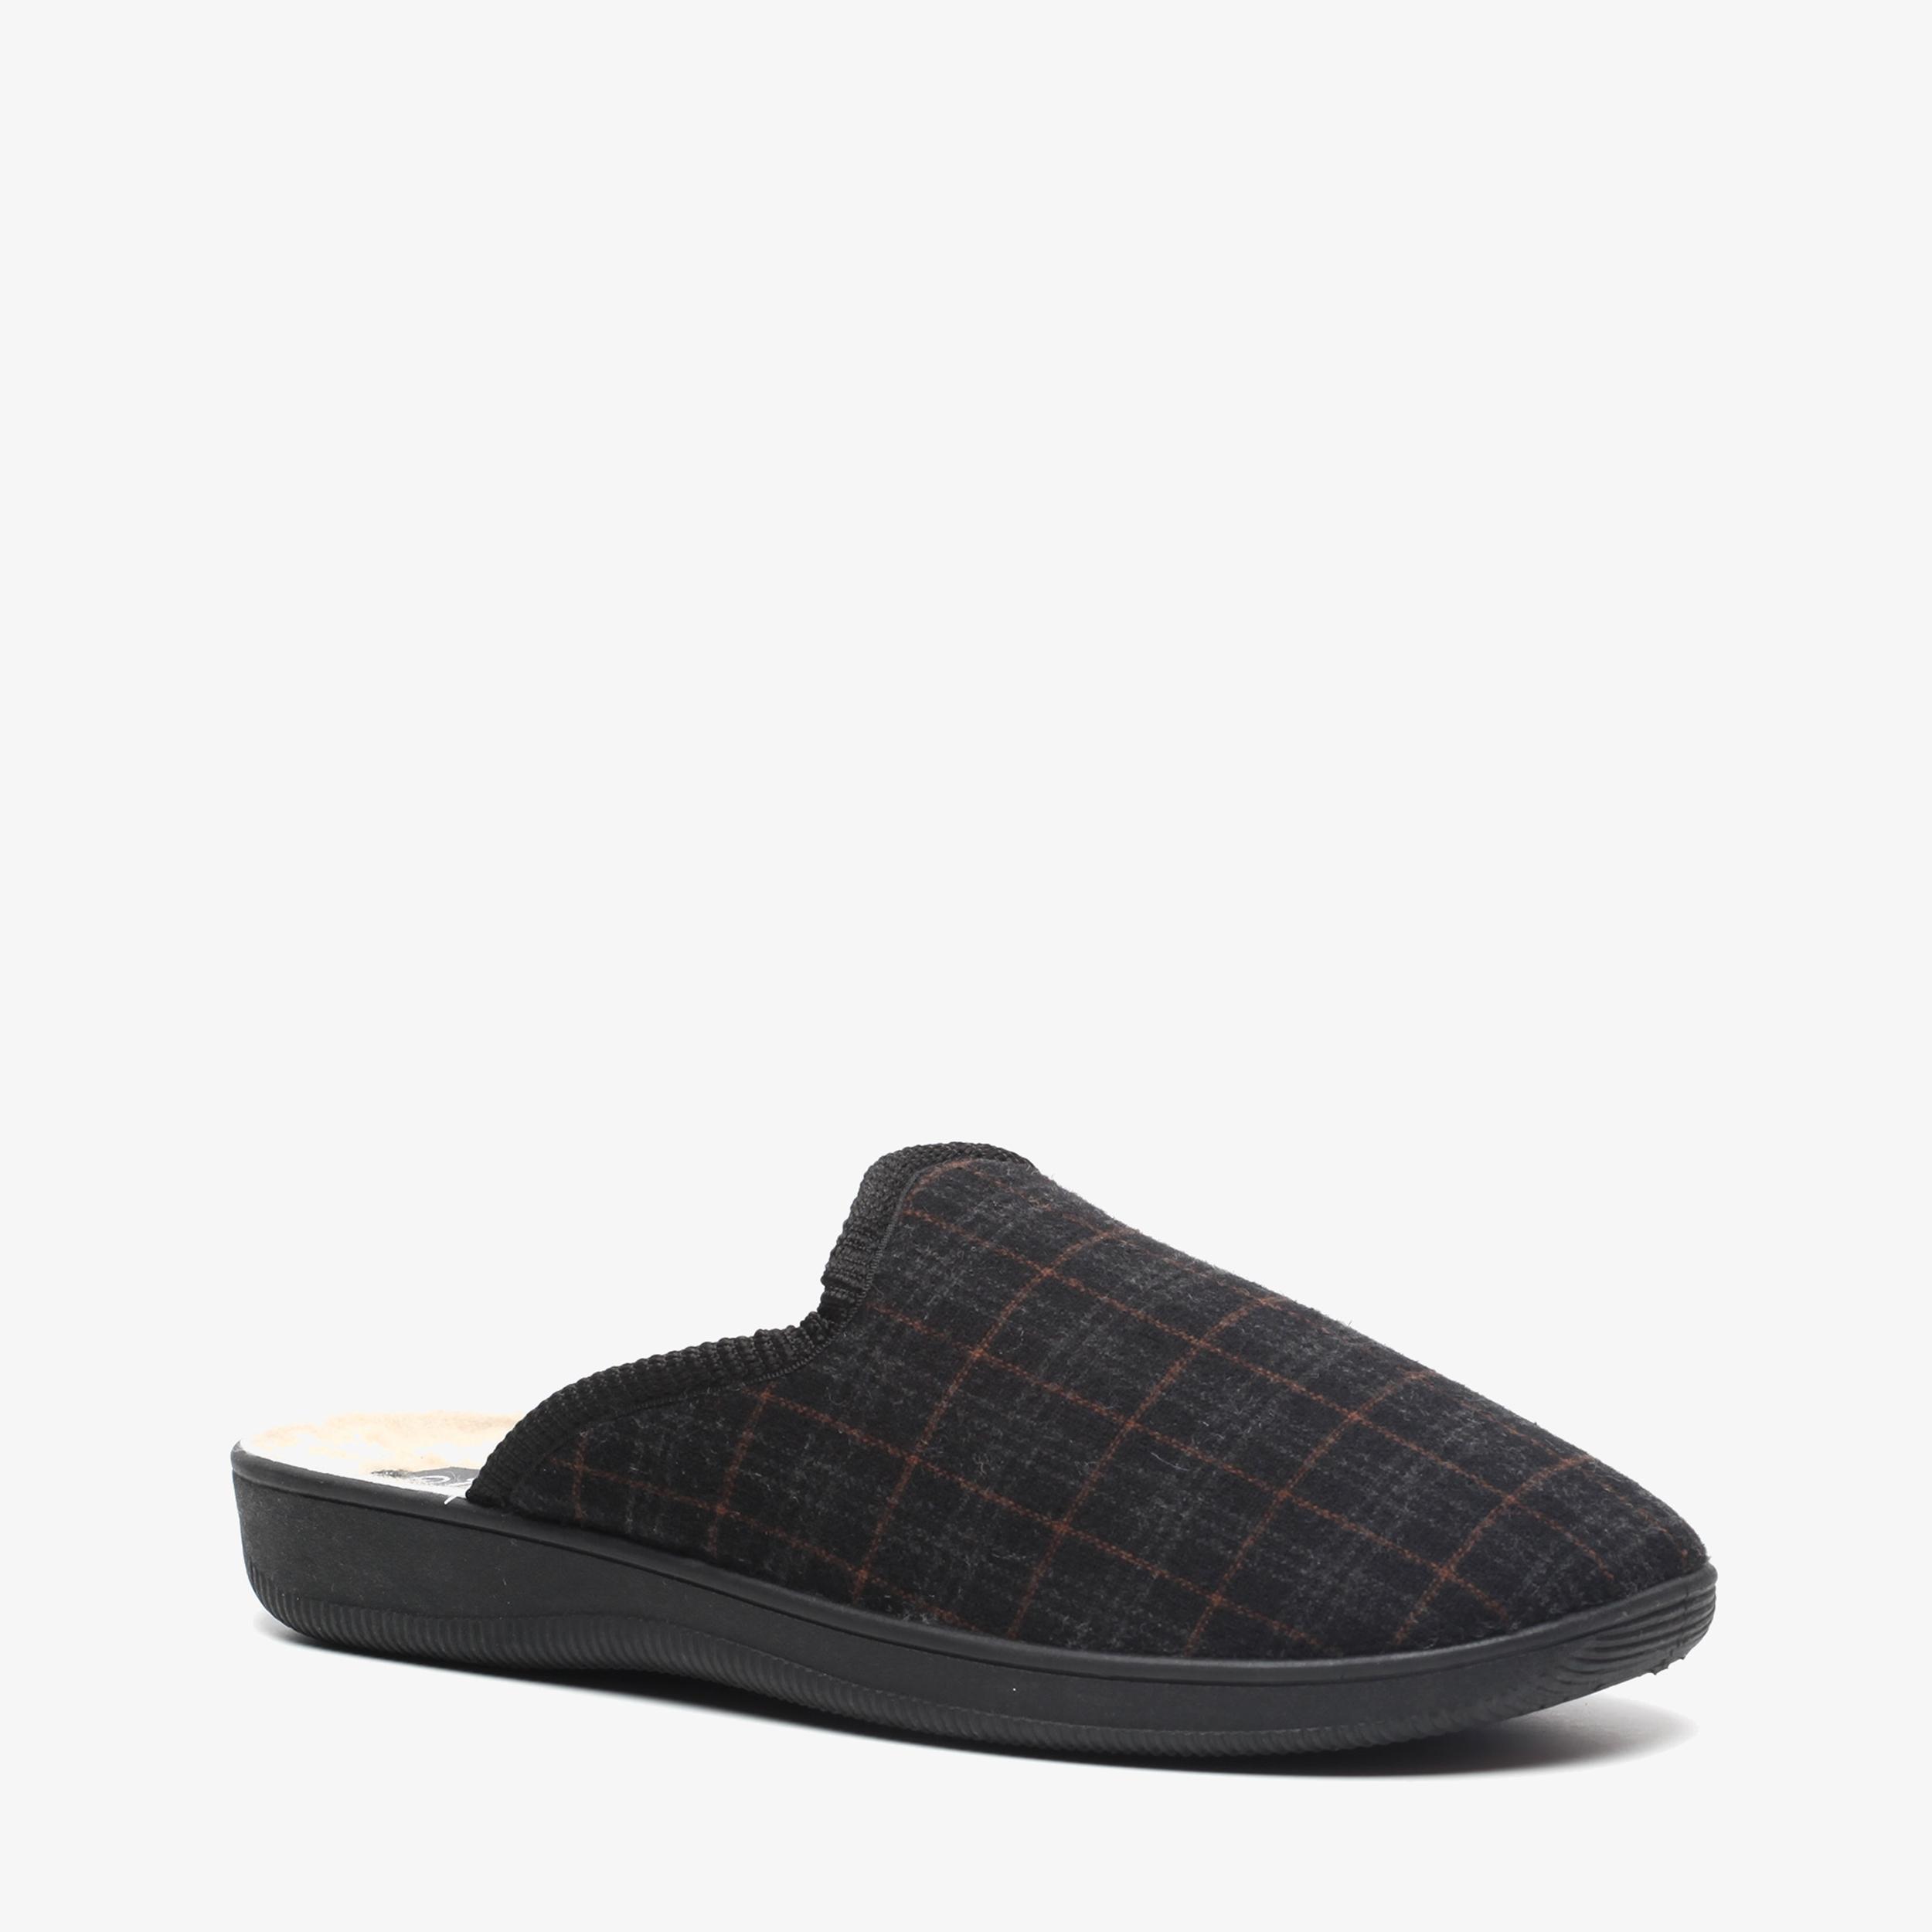 Chaussures Marron Scapino Avec Entrée Pour Les Hommes mzQxdu9NWZ